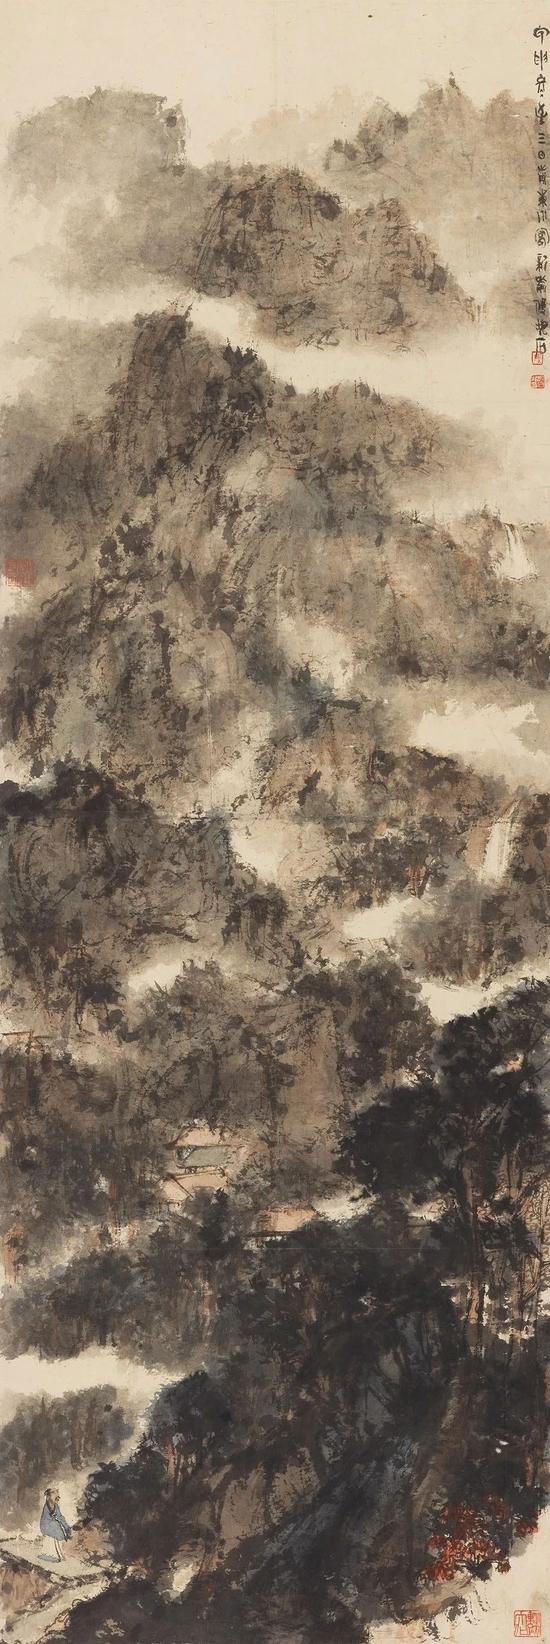 傅抱石 横云秋霁设色纸本 立轴181×61 cm